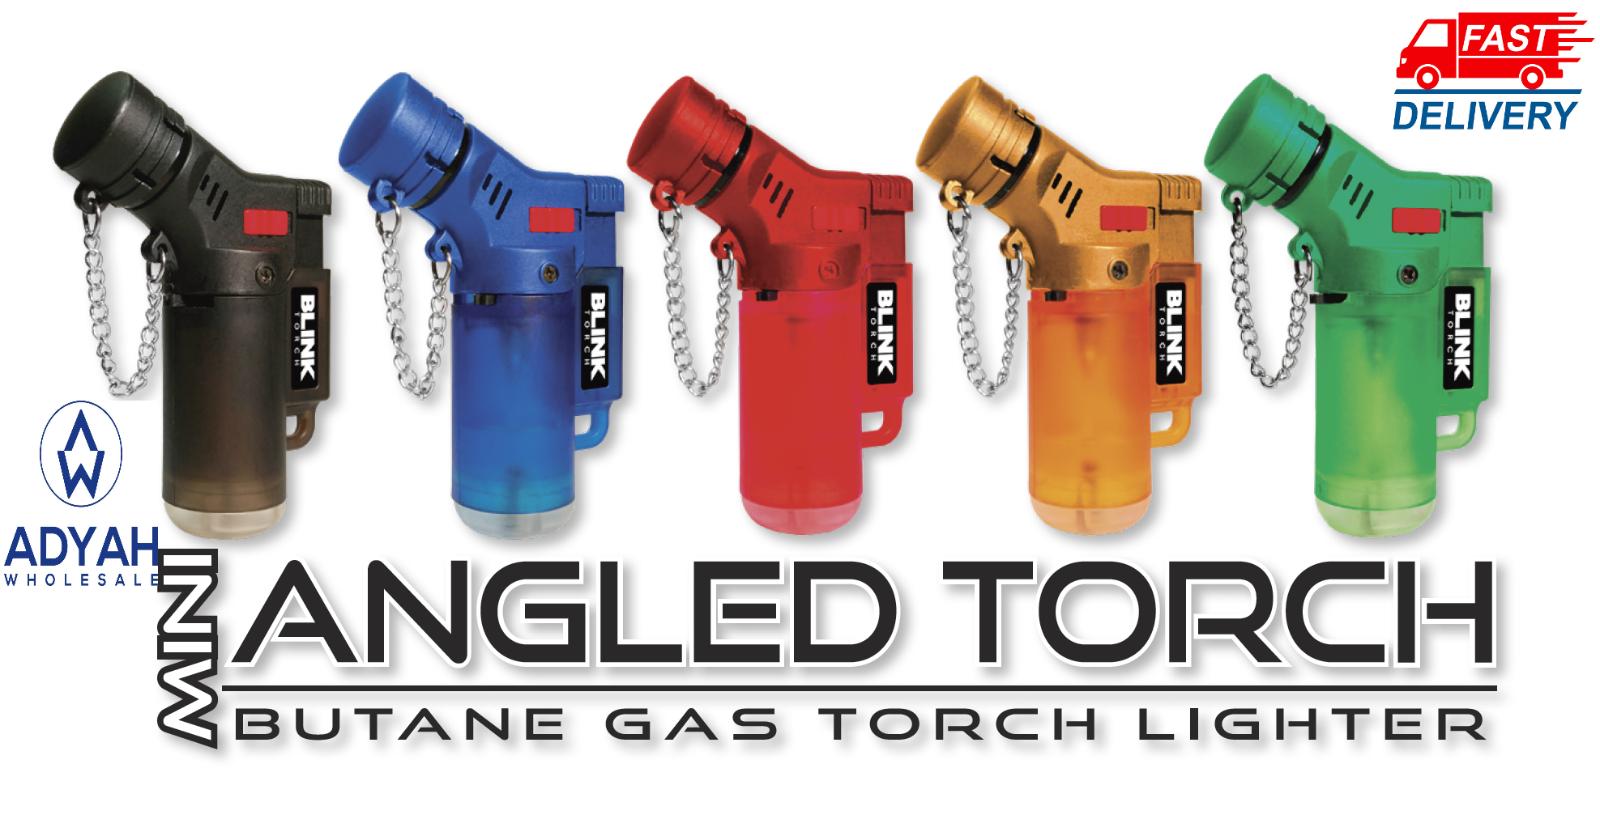 2 Pack 45 Degree Angle Jet Flame Blink Butane Torch Lighter